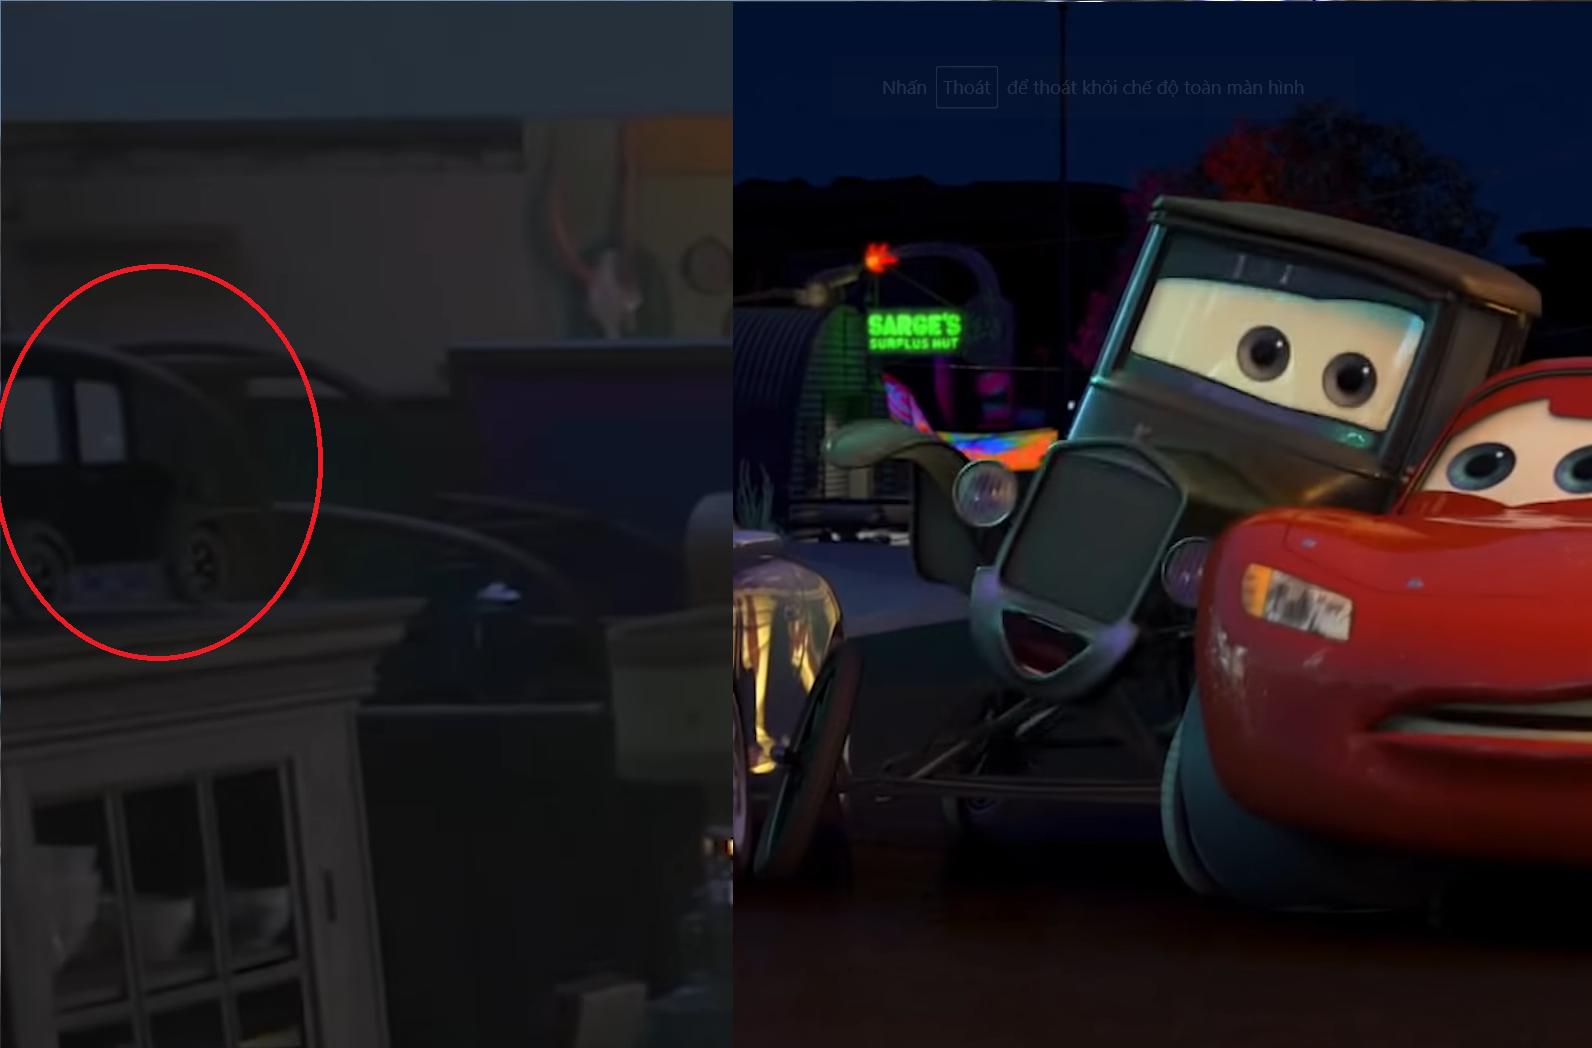 40 bí mật thú vị được giấu kĩ trong Toy Story 4 chỉ ai tinh mắt lắm mới thấy - Ảnh 17.